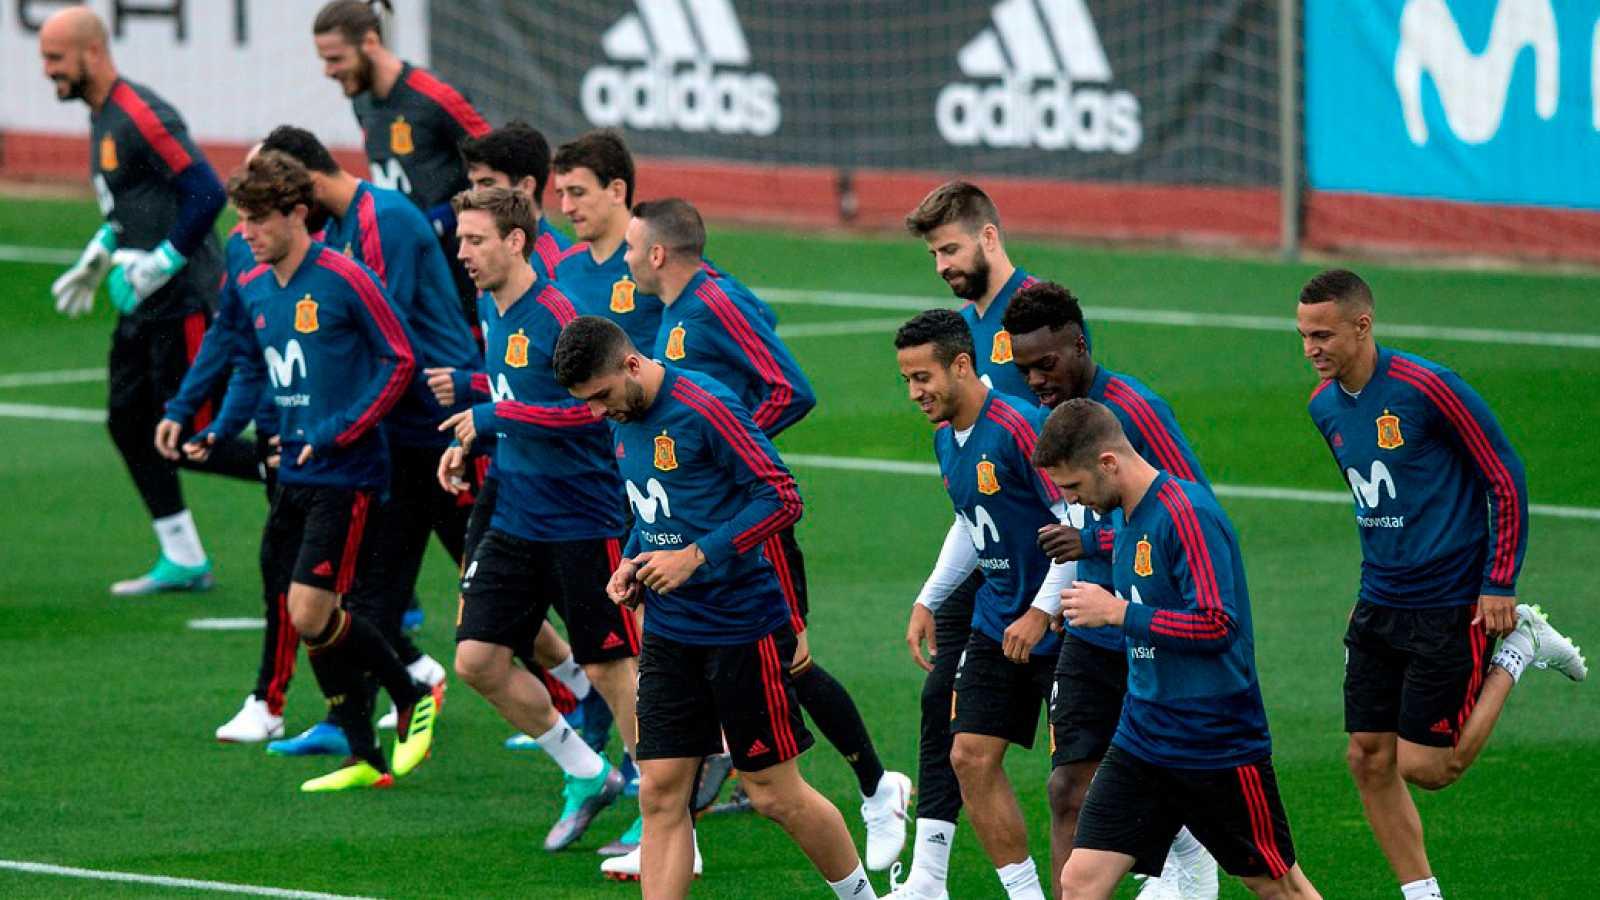 Imagen del primer entrenamiento de la selección española en Las Rozas, previo al Mundial.